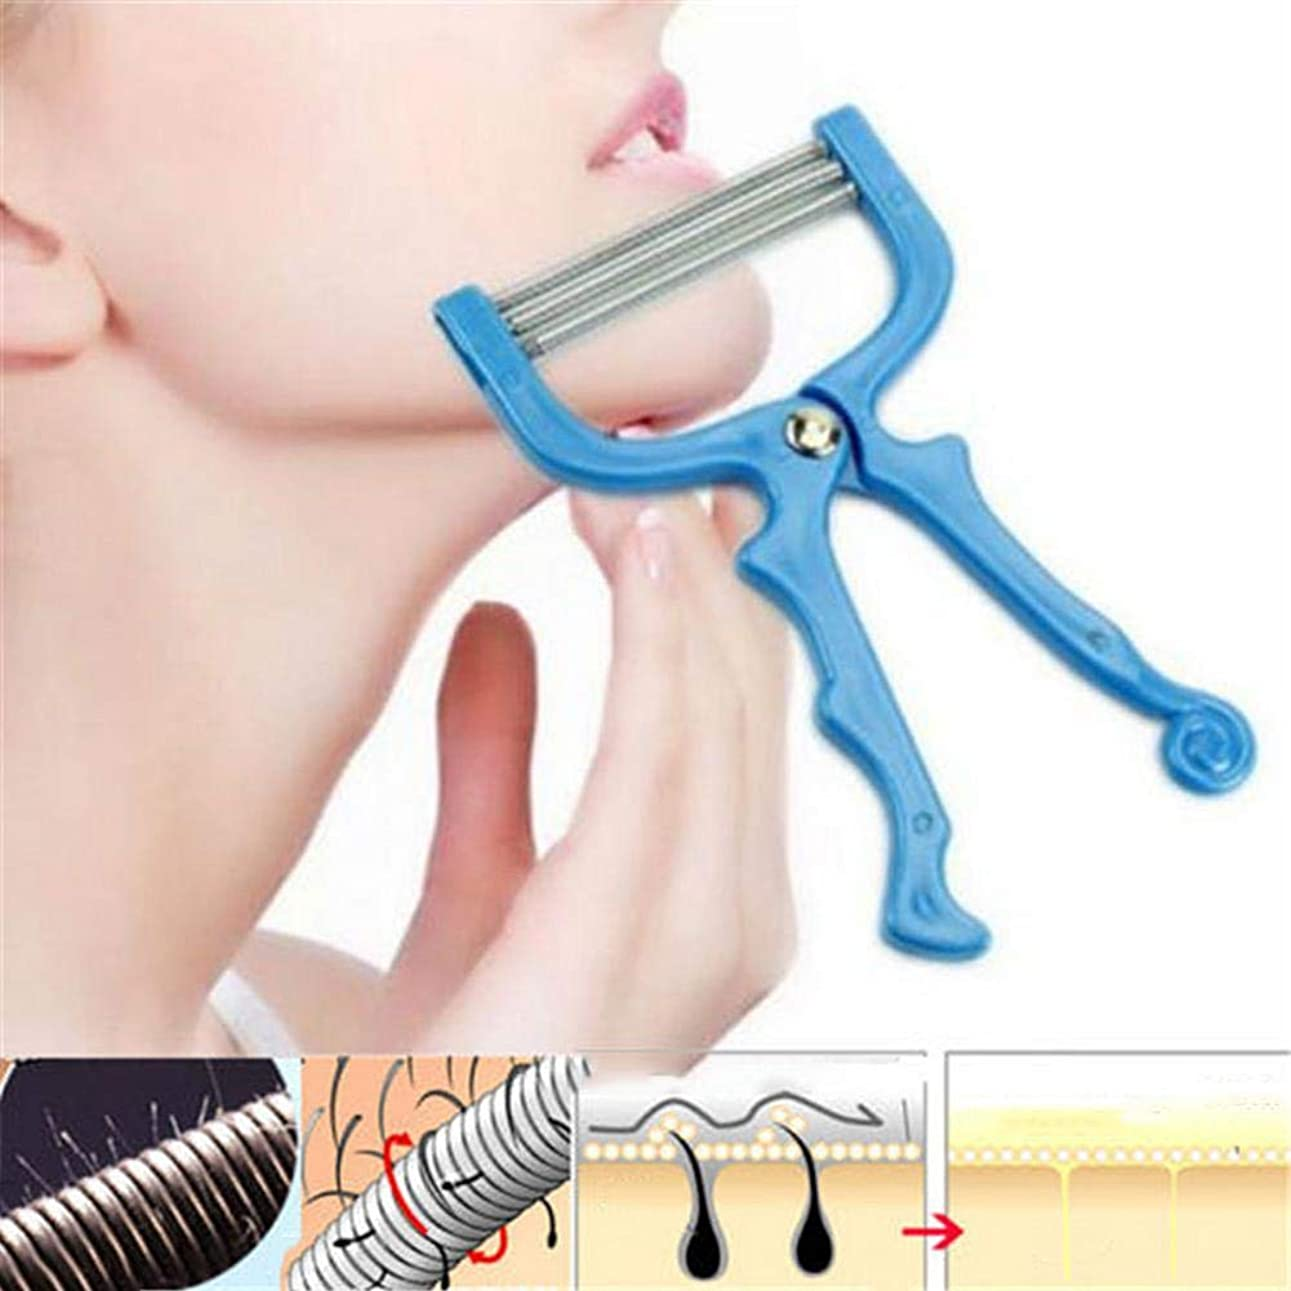 接辞熱独立SILUN 手動脱毛器 顔/腕/足/脇/ビキニエリアで使用する リムーバー フェイシャルヘアリムーバースプリングフェイシャルヘアスレーター除毛ツール美容ツール